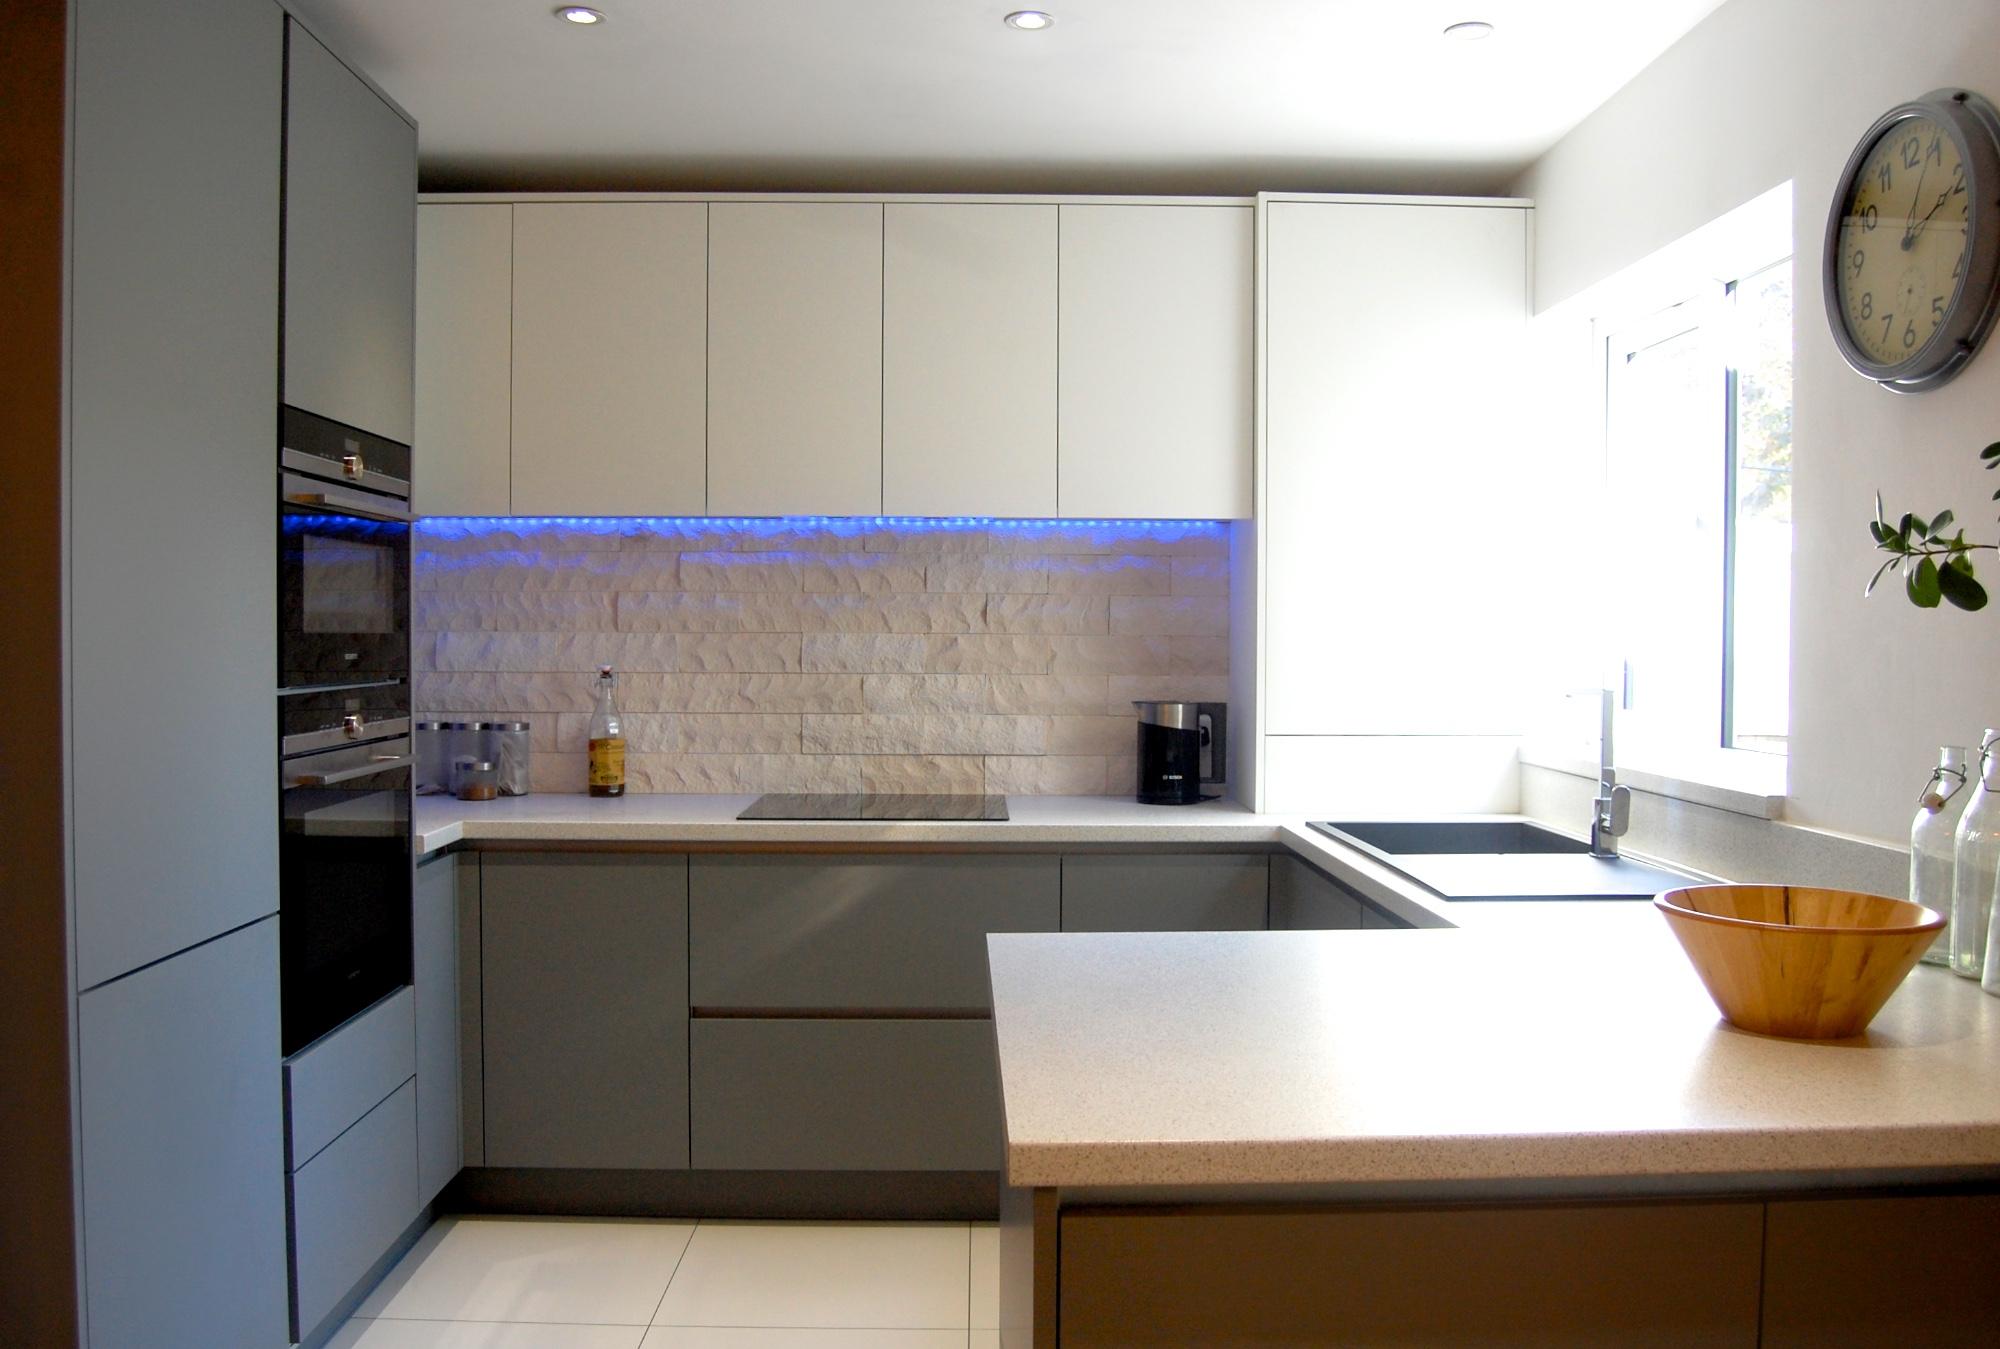 True Handless Kitchen Sunbury 767.jpg